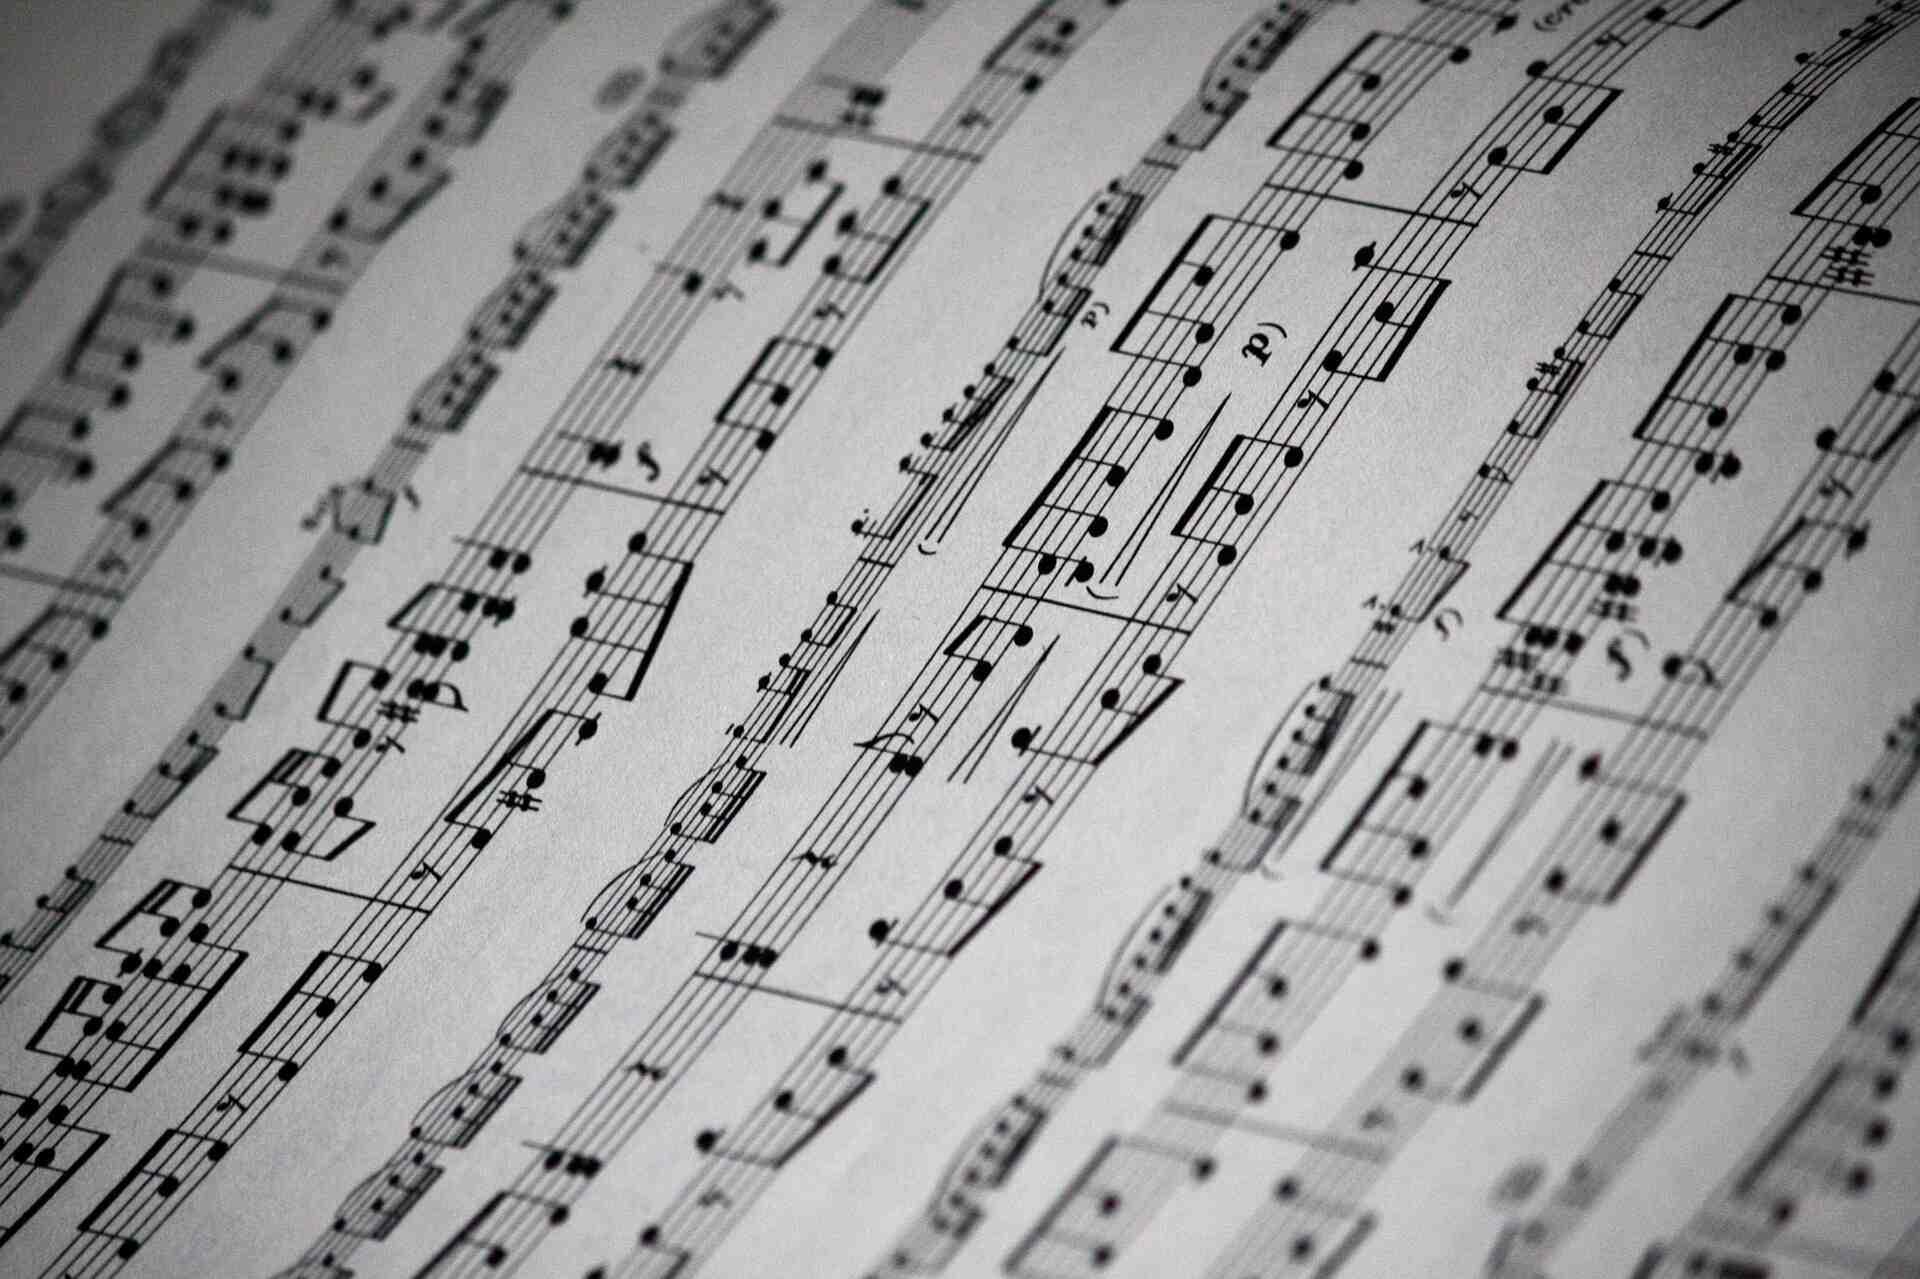 楽譜も読めるようになろう